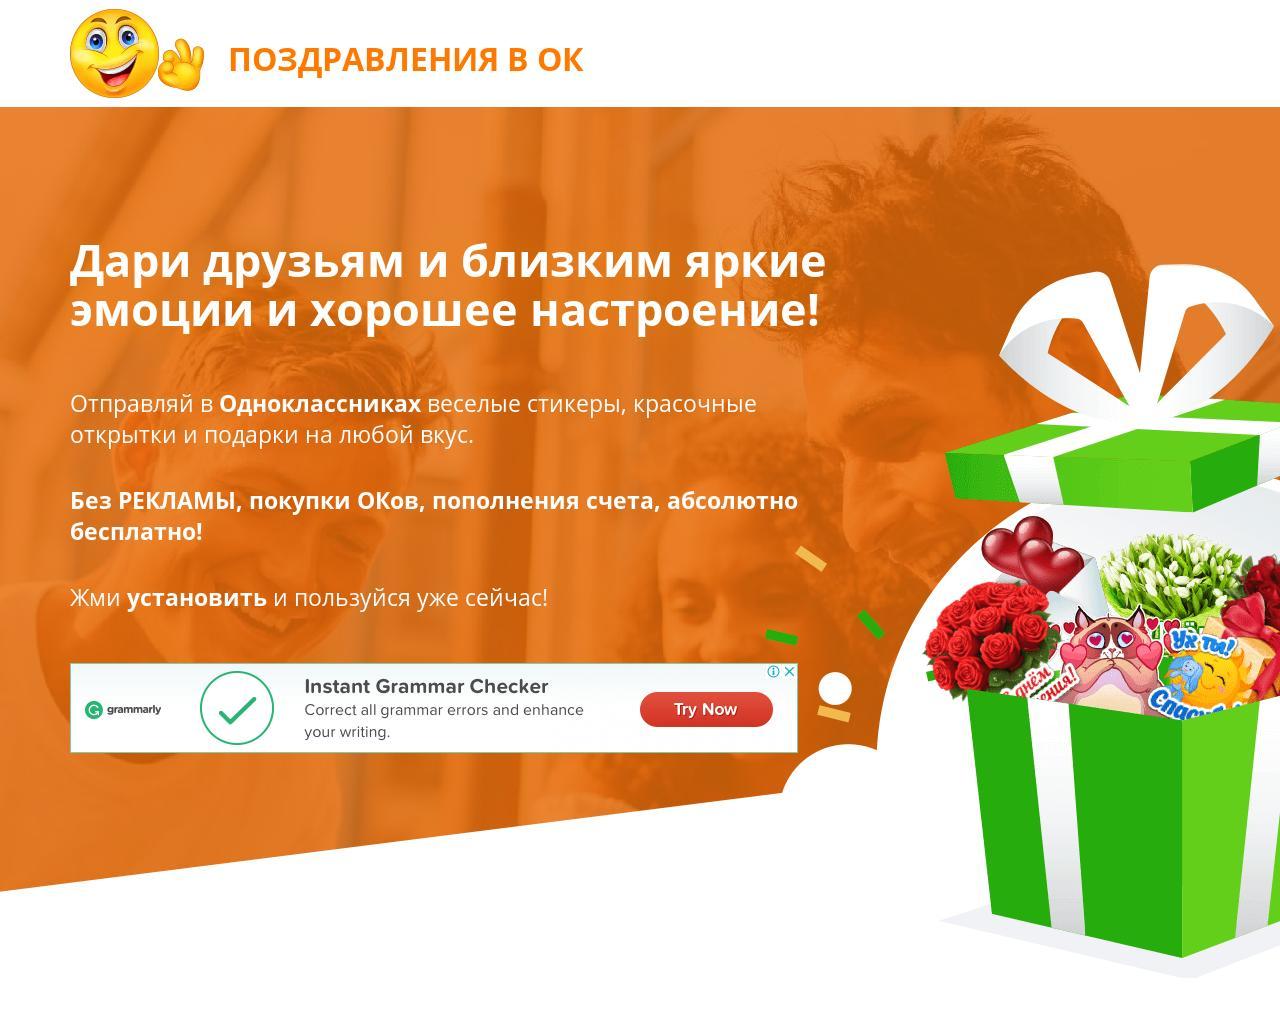 Как отменить подарок в Одноклассниках? - Одноклассники 43